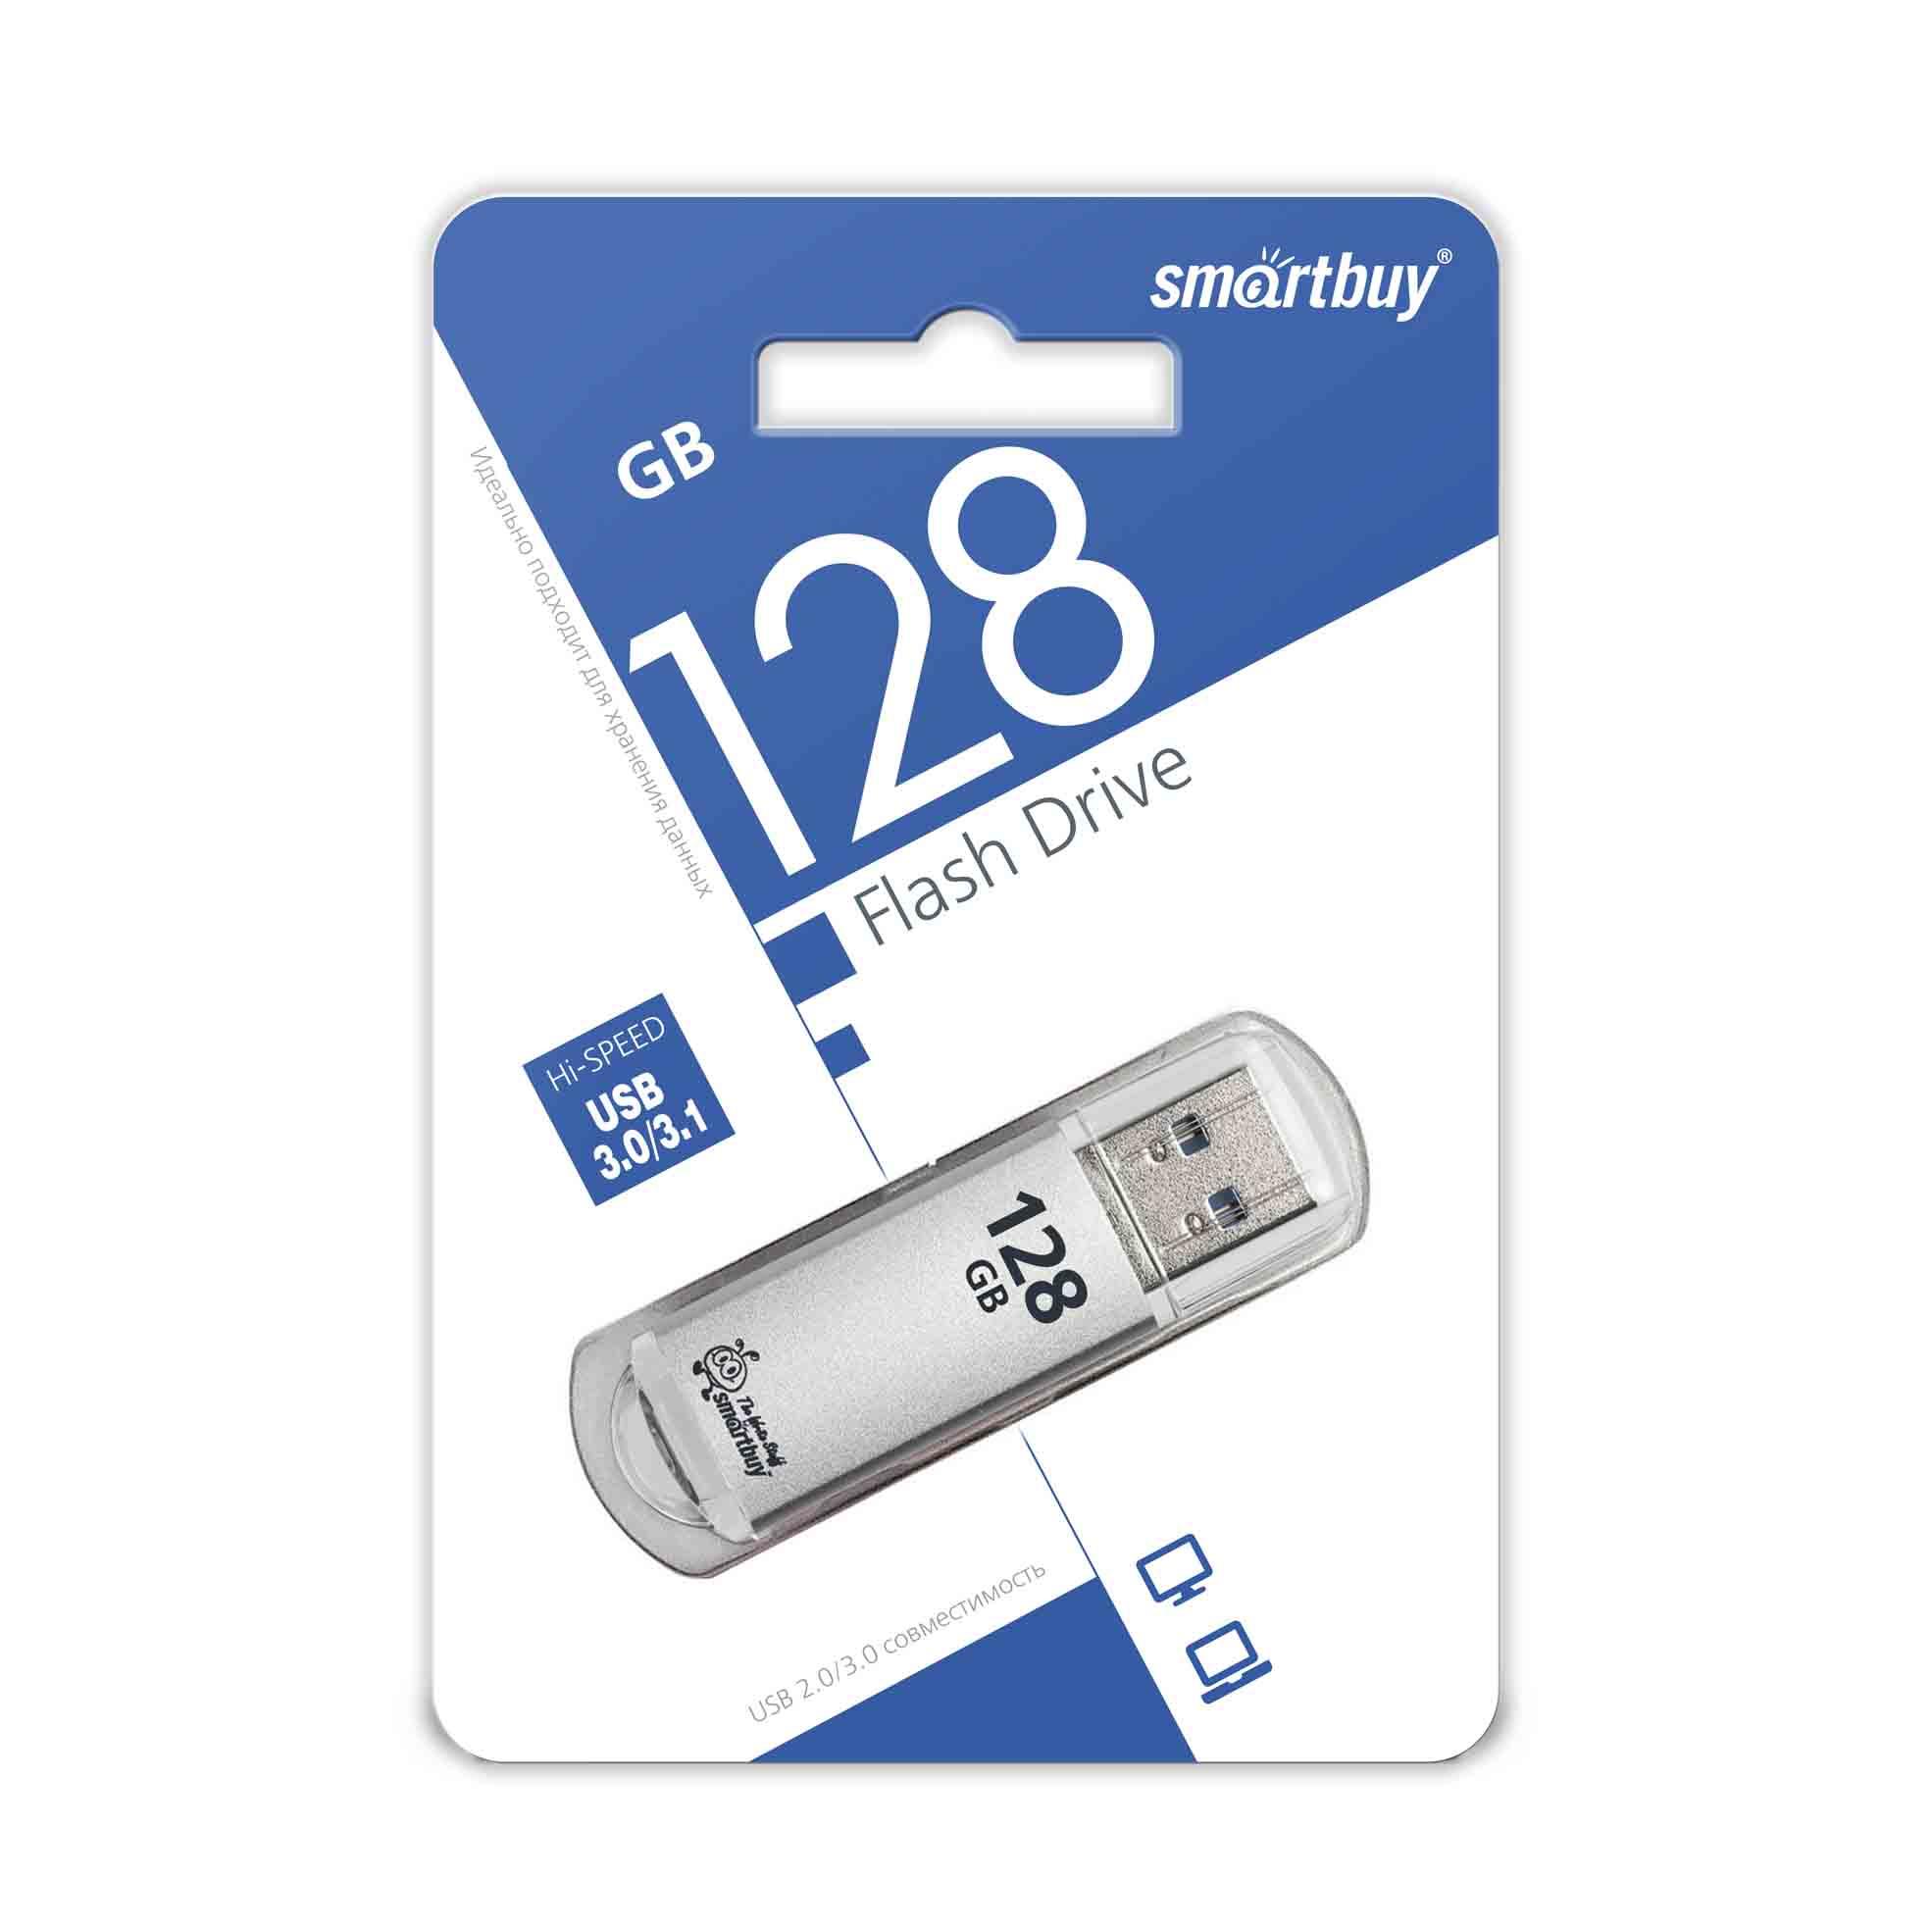 USB 3.0 флэш-диск Smartbuy V-Cut Silver 128Gb оптом